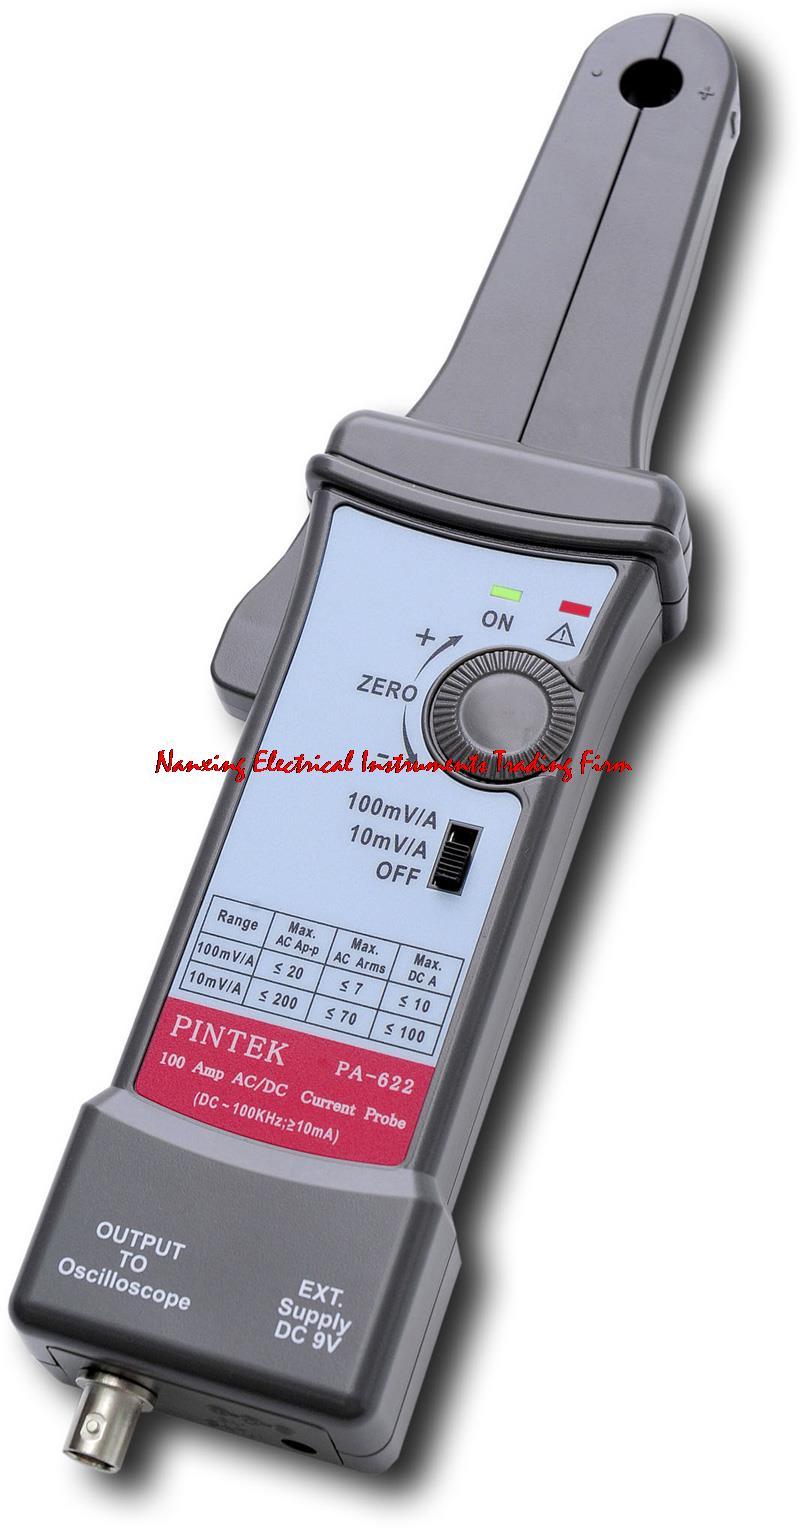 سريع وصول T710 A المشبك على راسم التحقيق الحالي (300 KHz ، 200Ap p)-في ملحقات وقطع غيار أجهزة من أدوات على title=